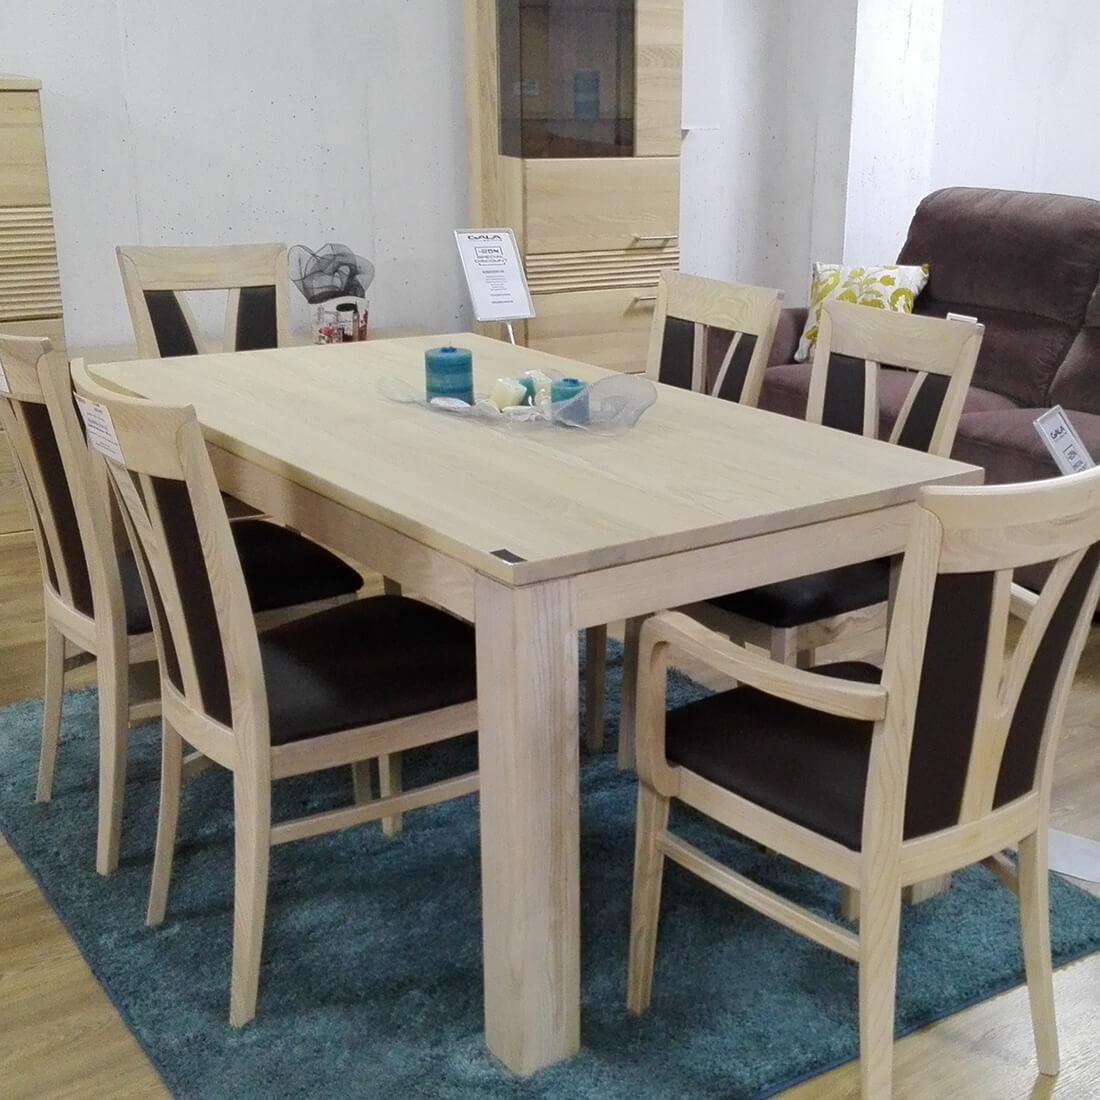 Трапезна маса със столове Т18 - мостра